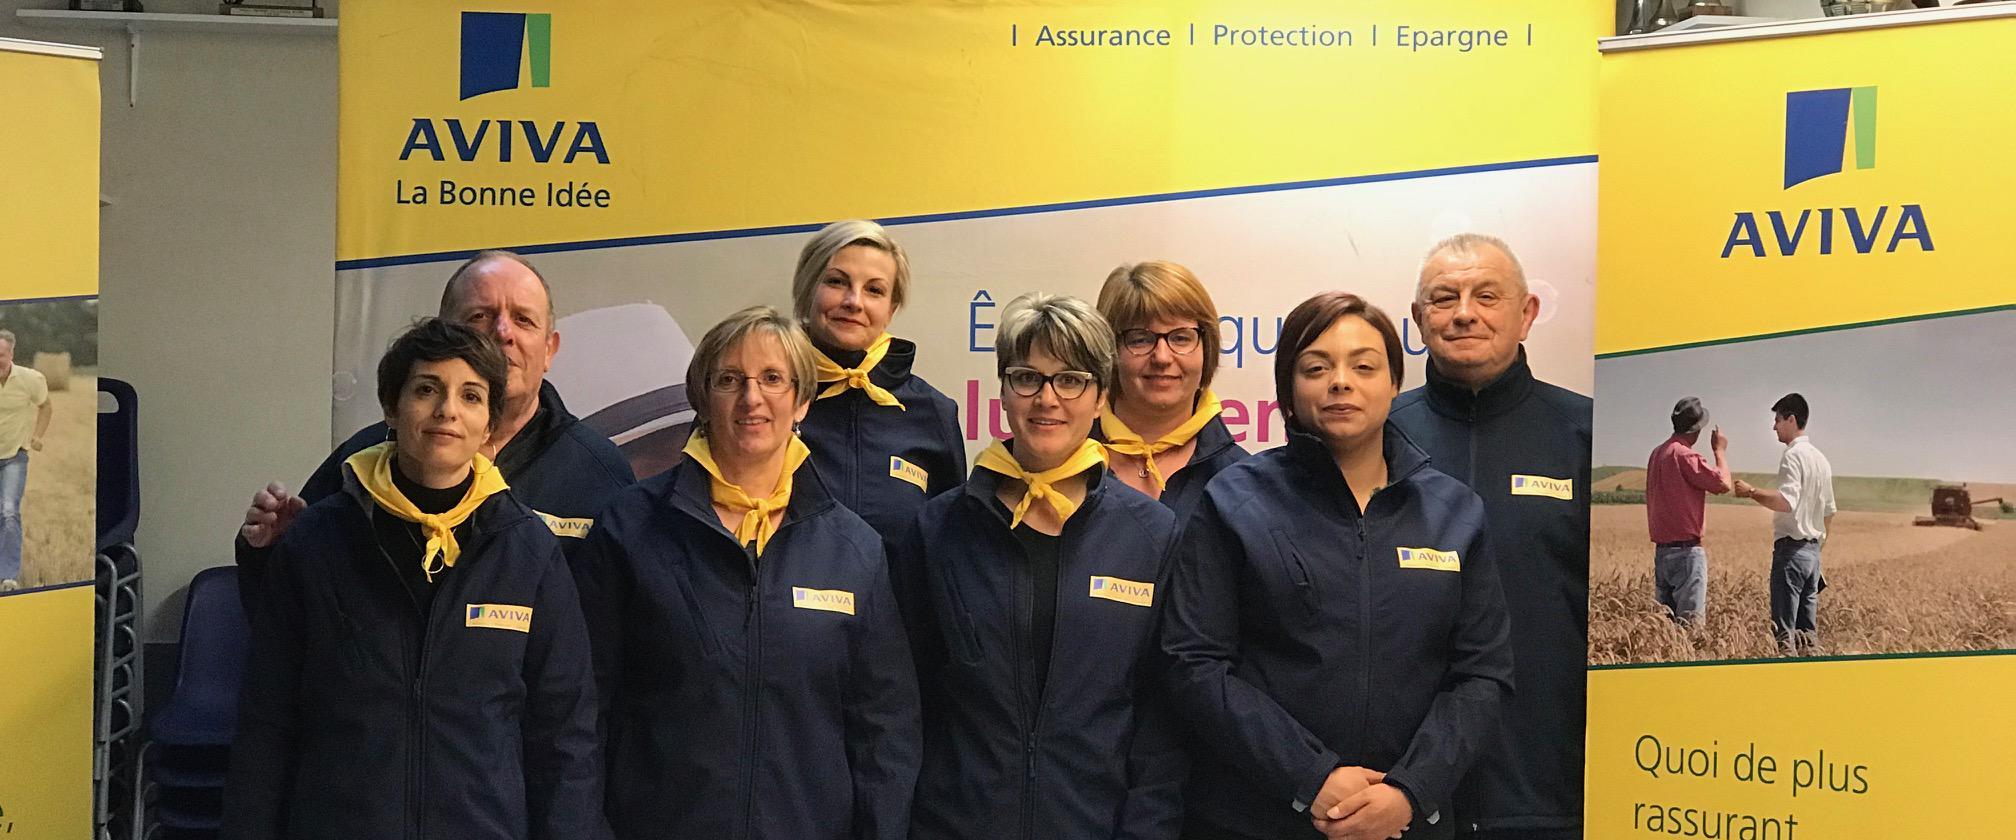 agence assurance AVIVA Aire sur l'Adour